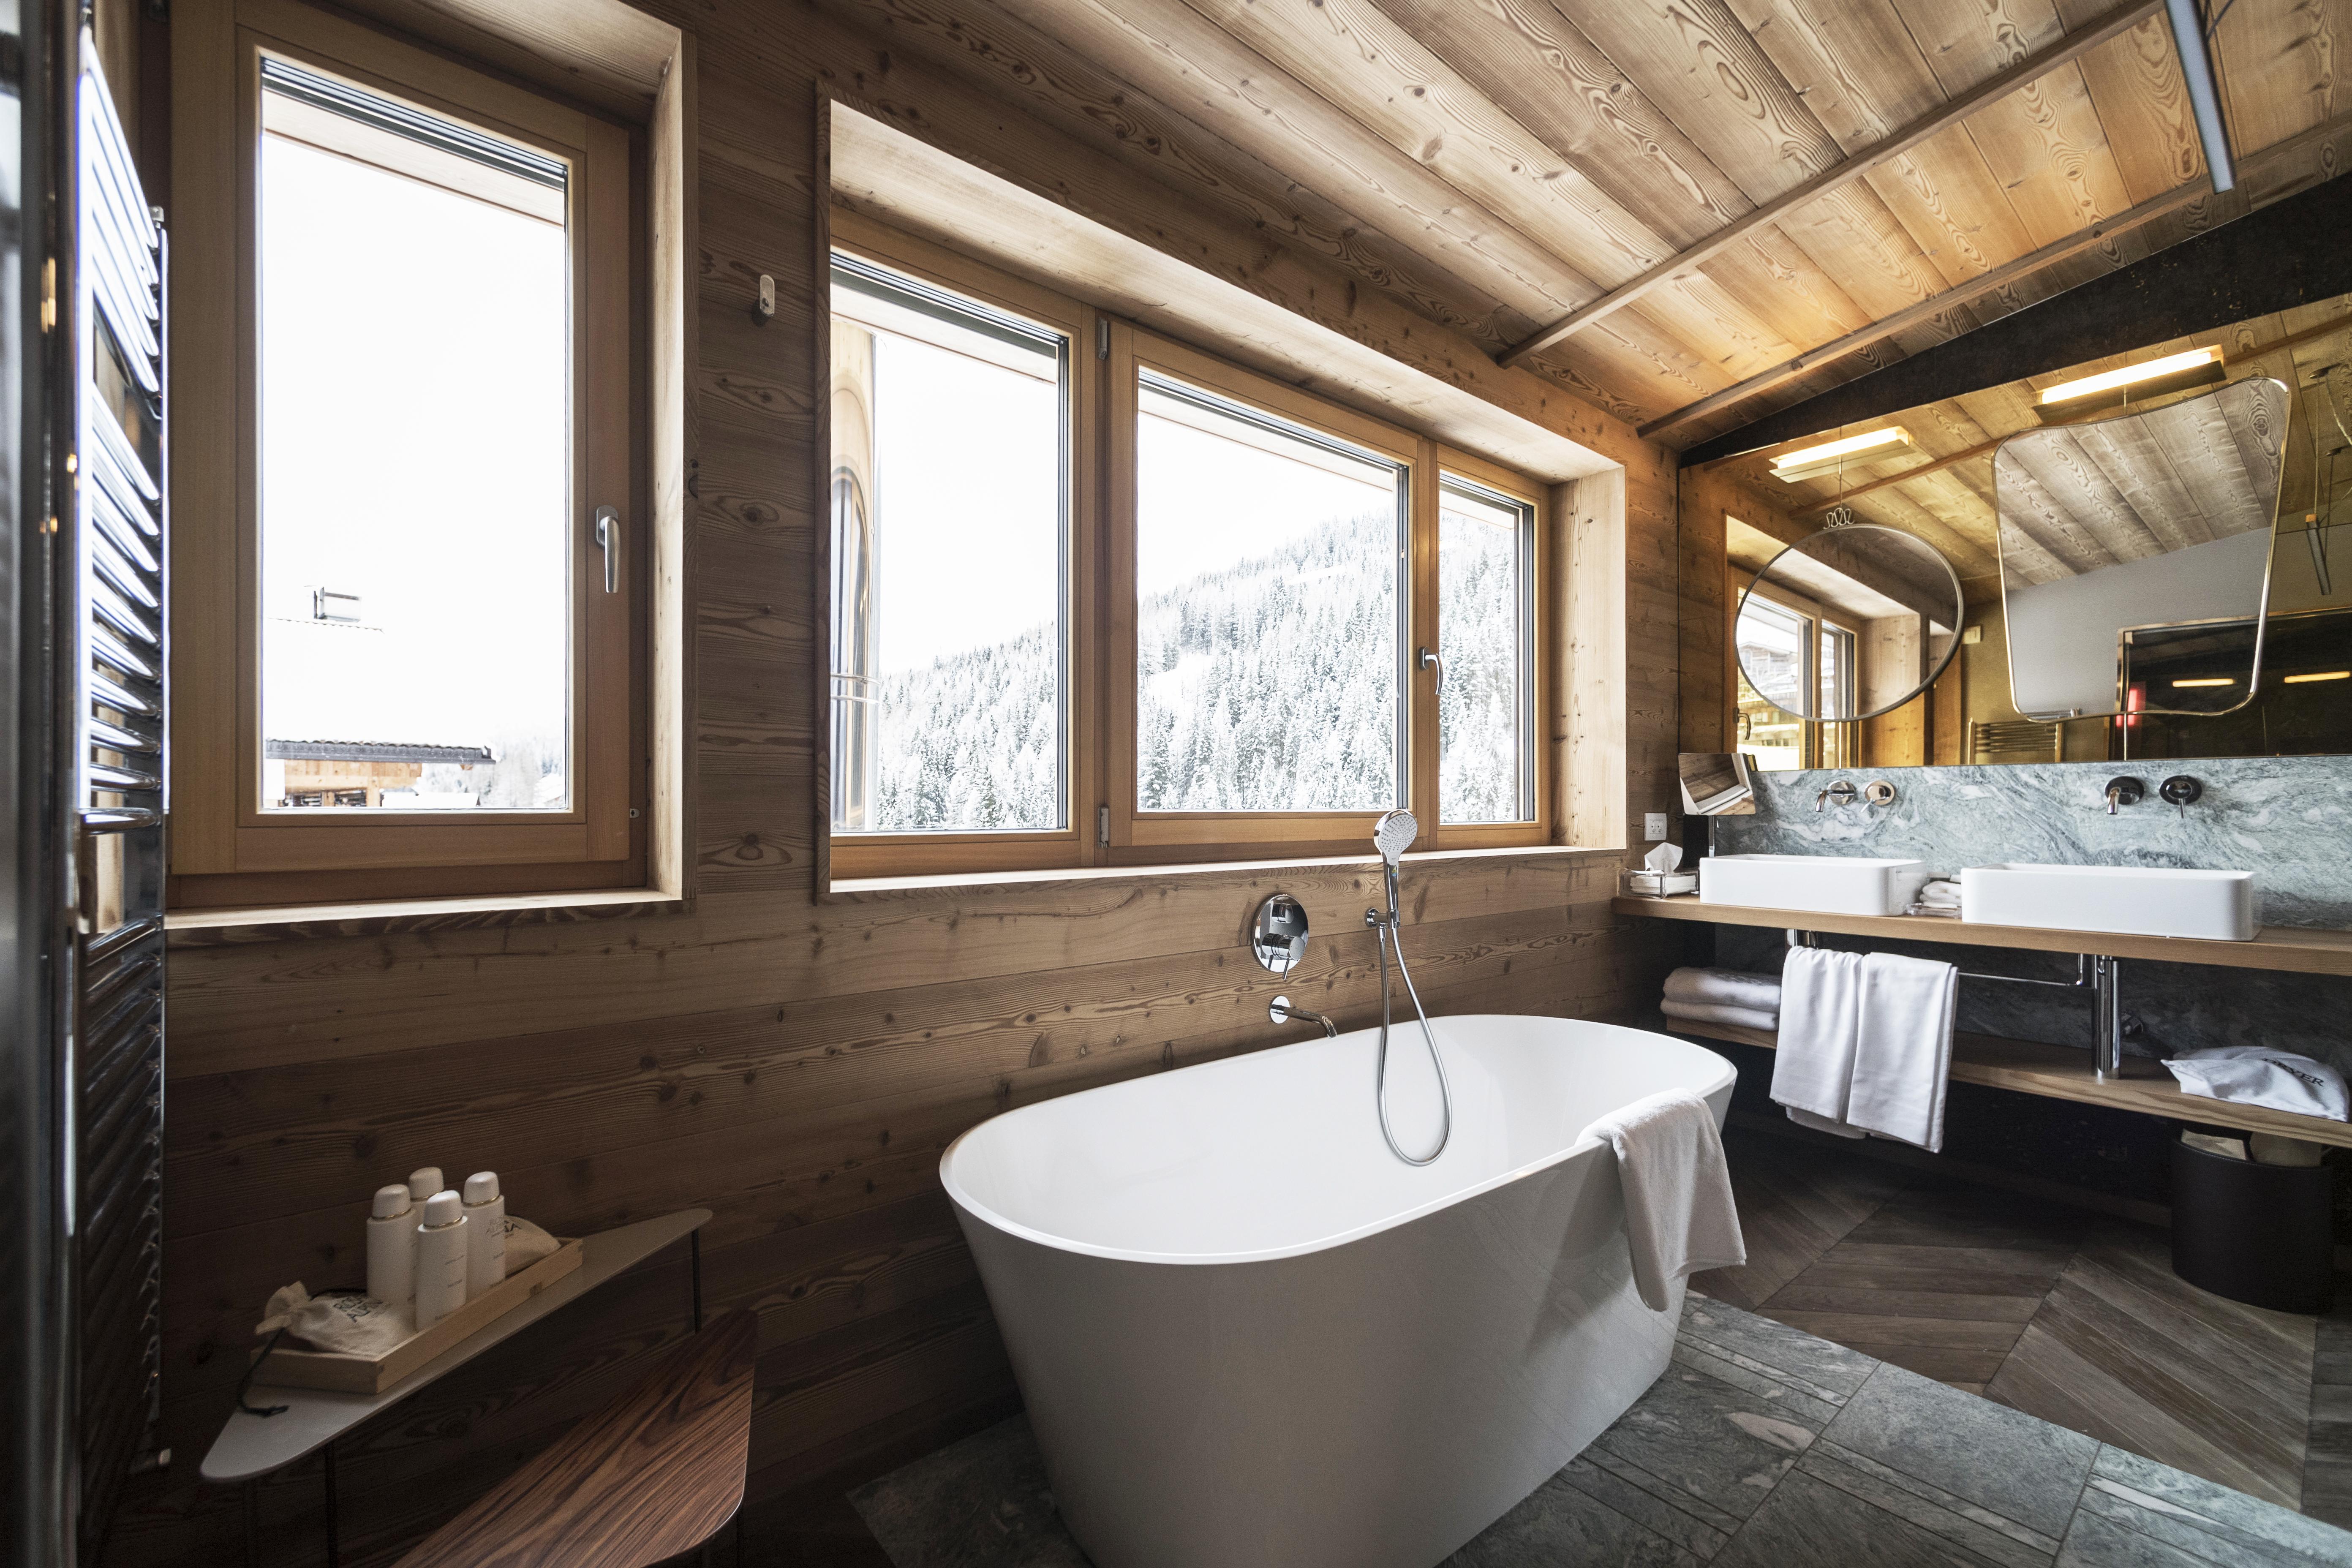 La vasca Vetralla nel bagno di una nuova camera del Rosa Alpina Hotel